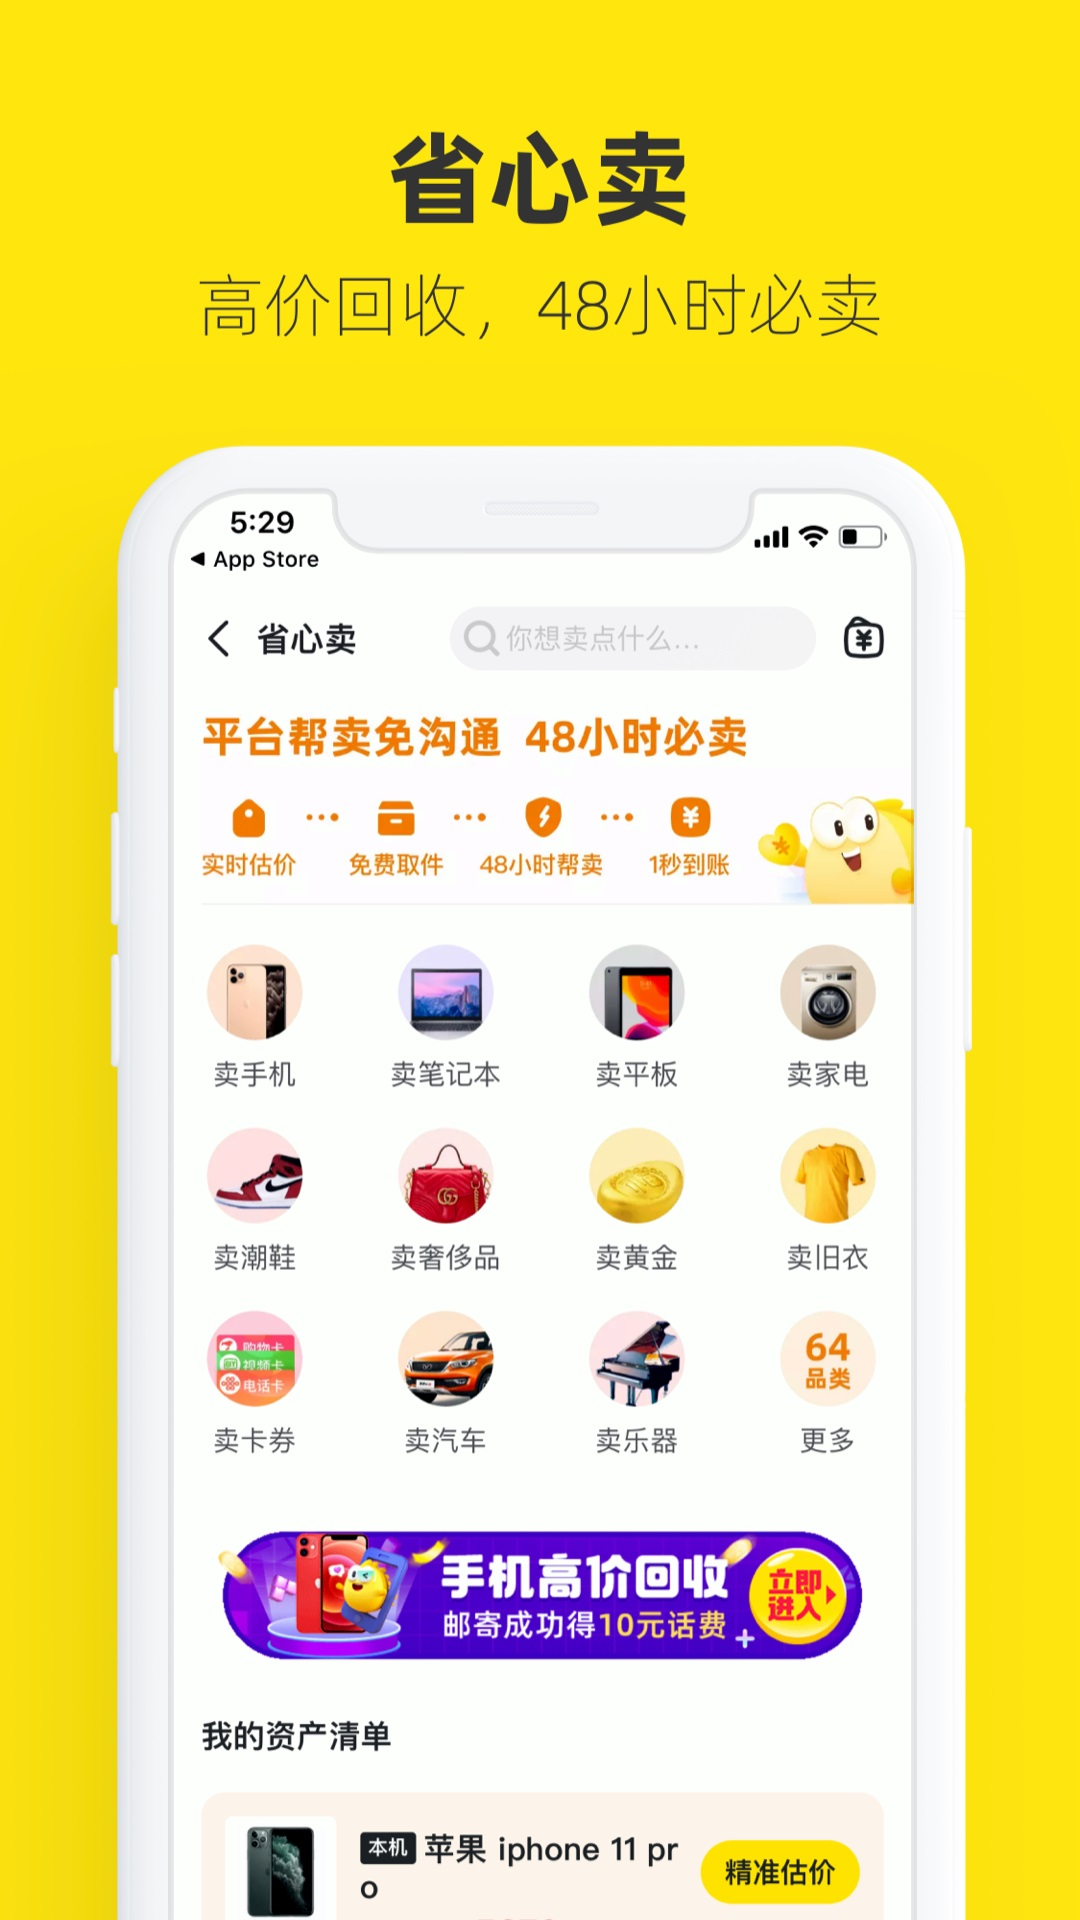 闲鱼网站二手市场下载v7.2.20 官方最新版